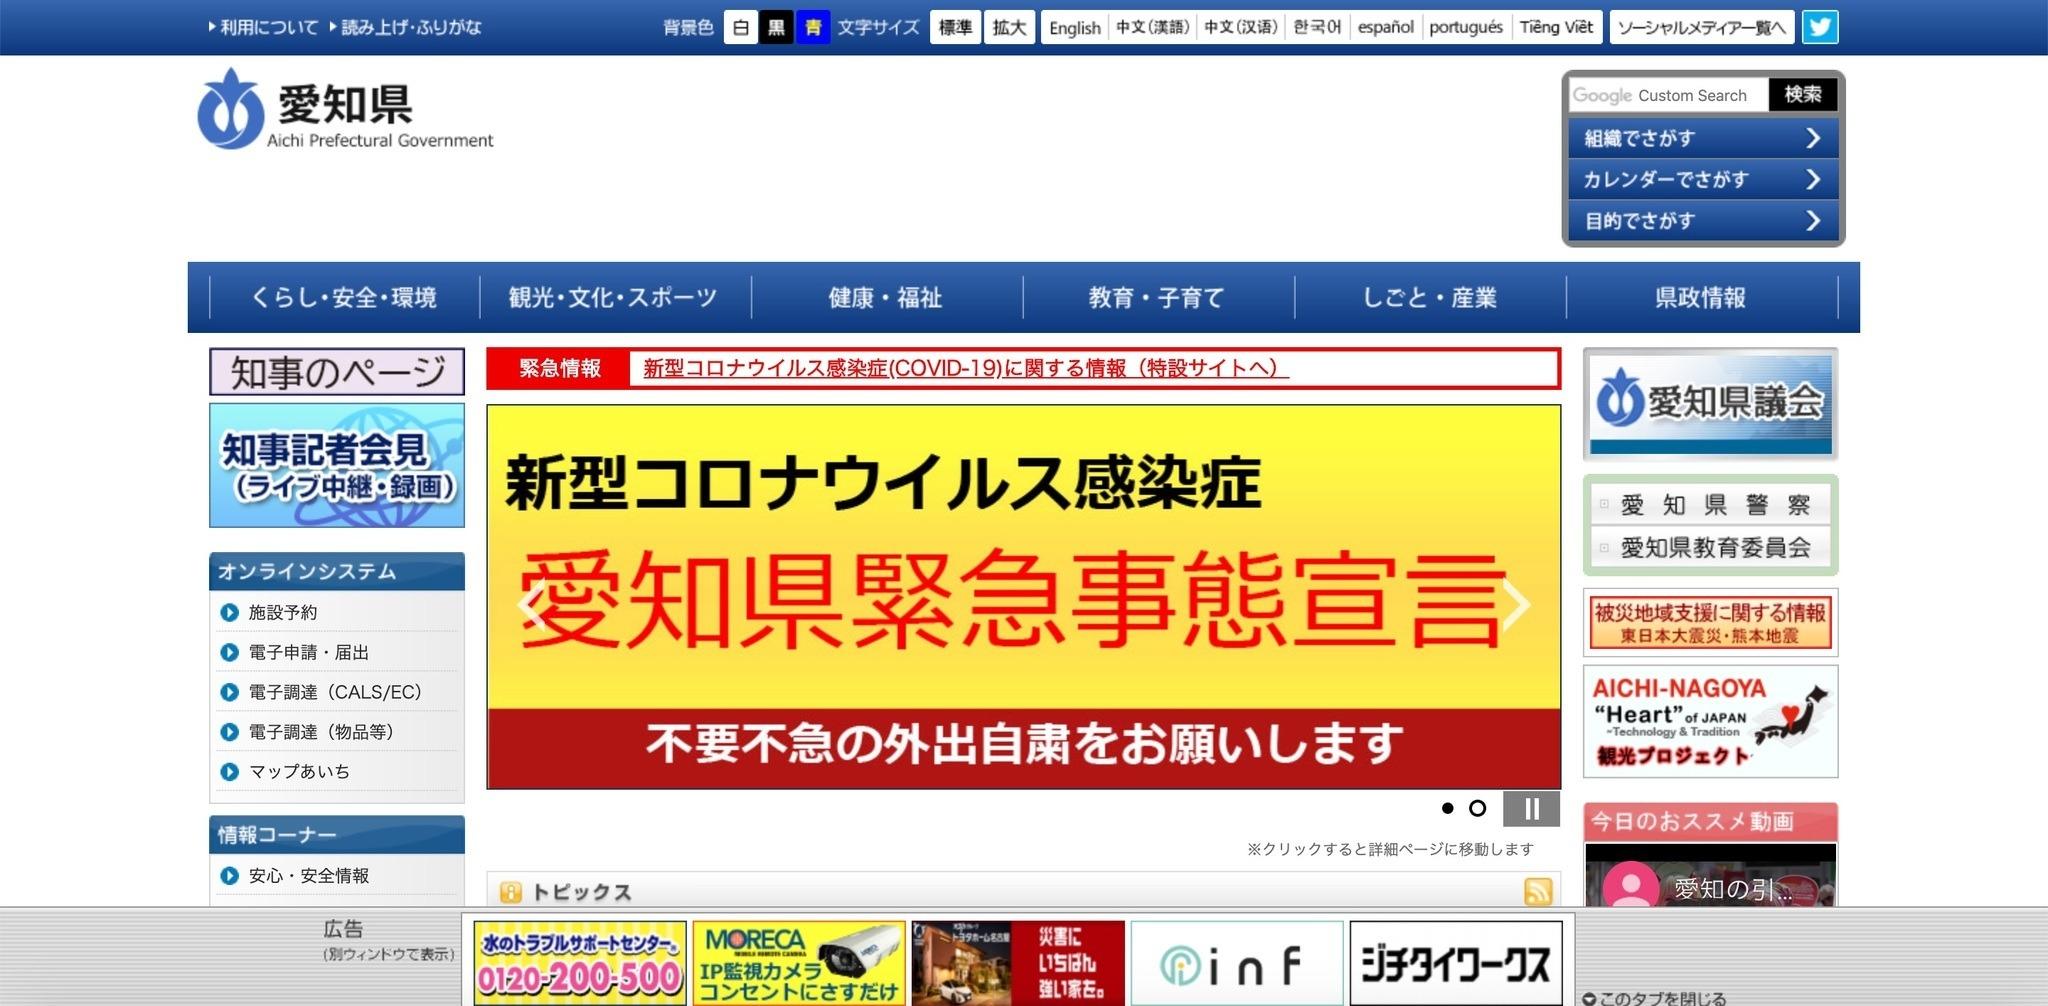 今日 の 愛知 県 コロナ 感染 者